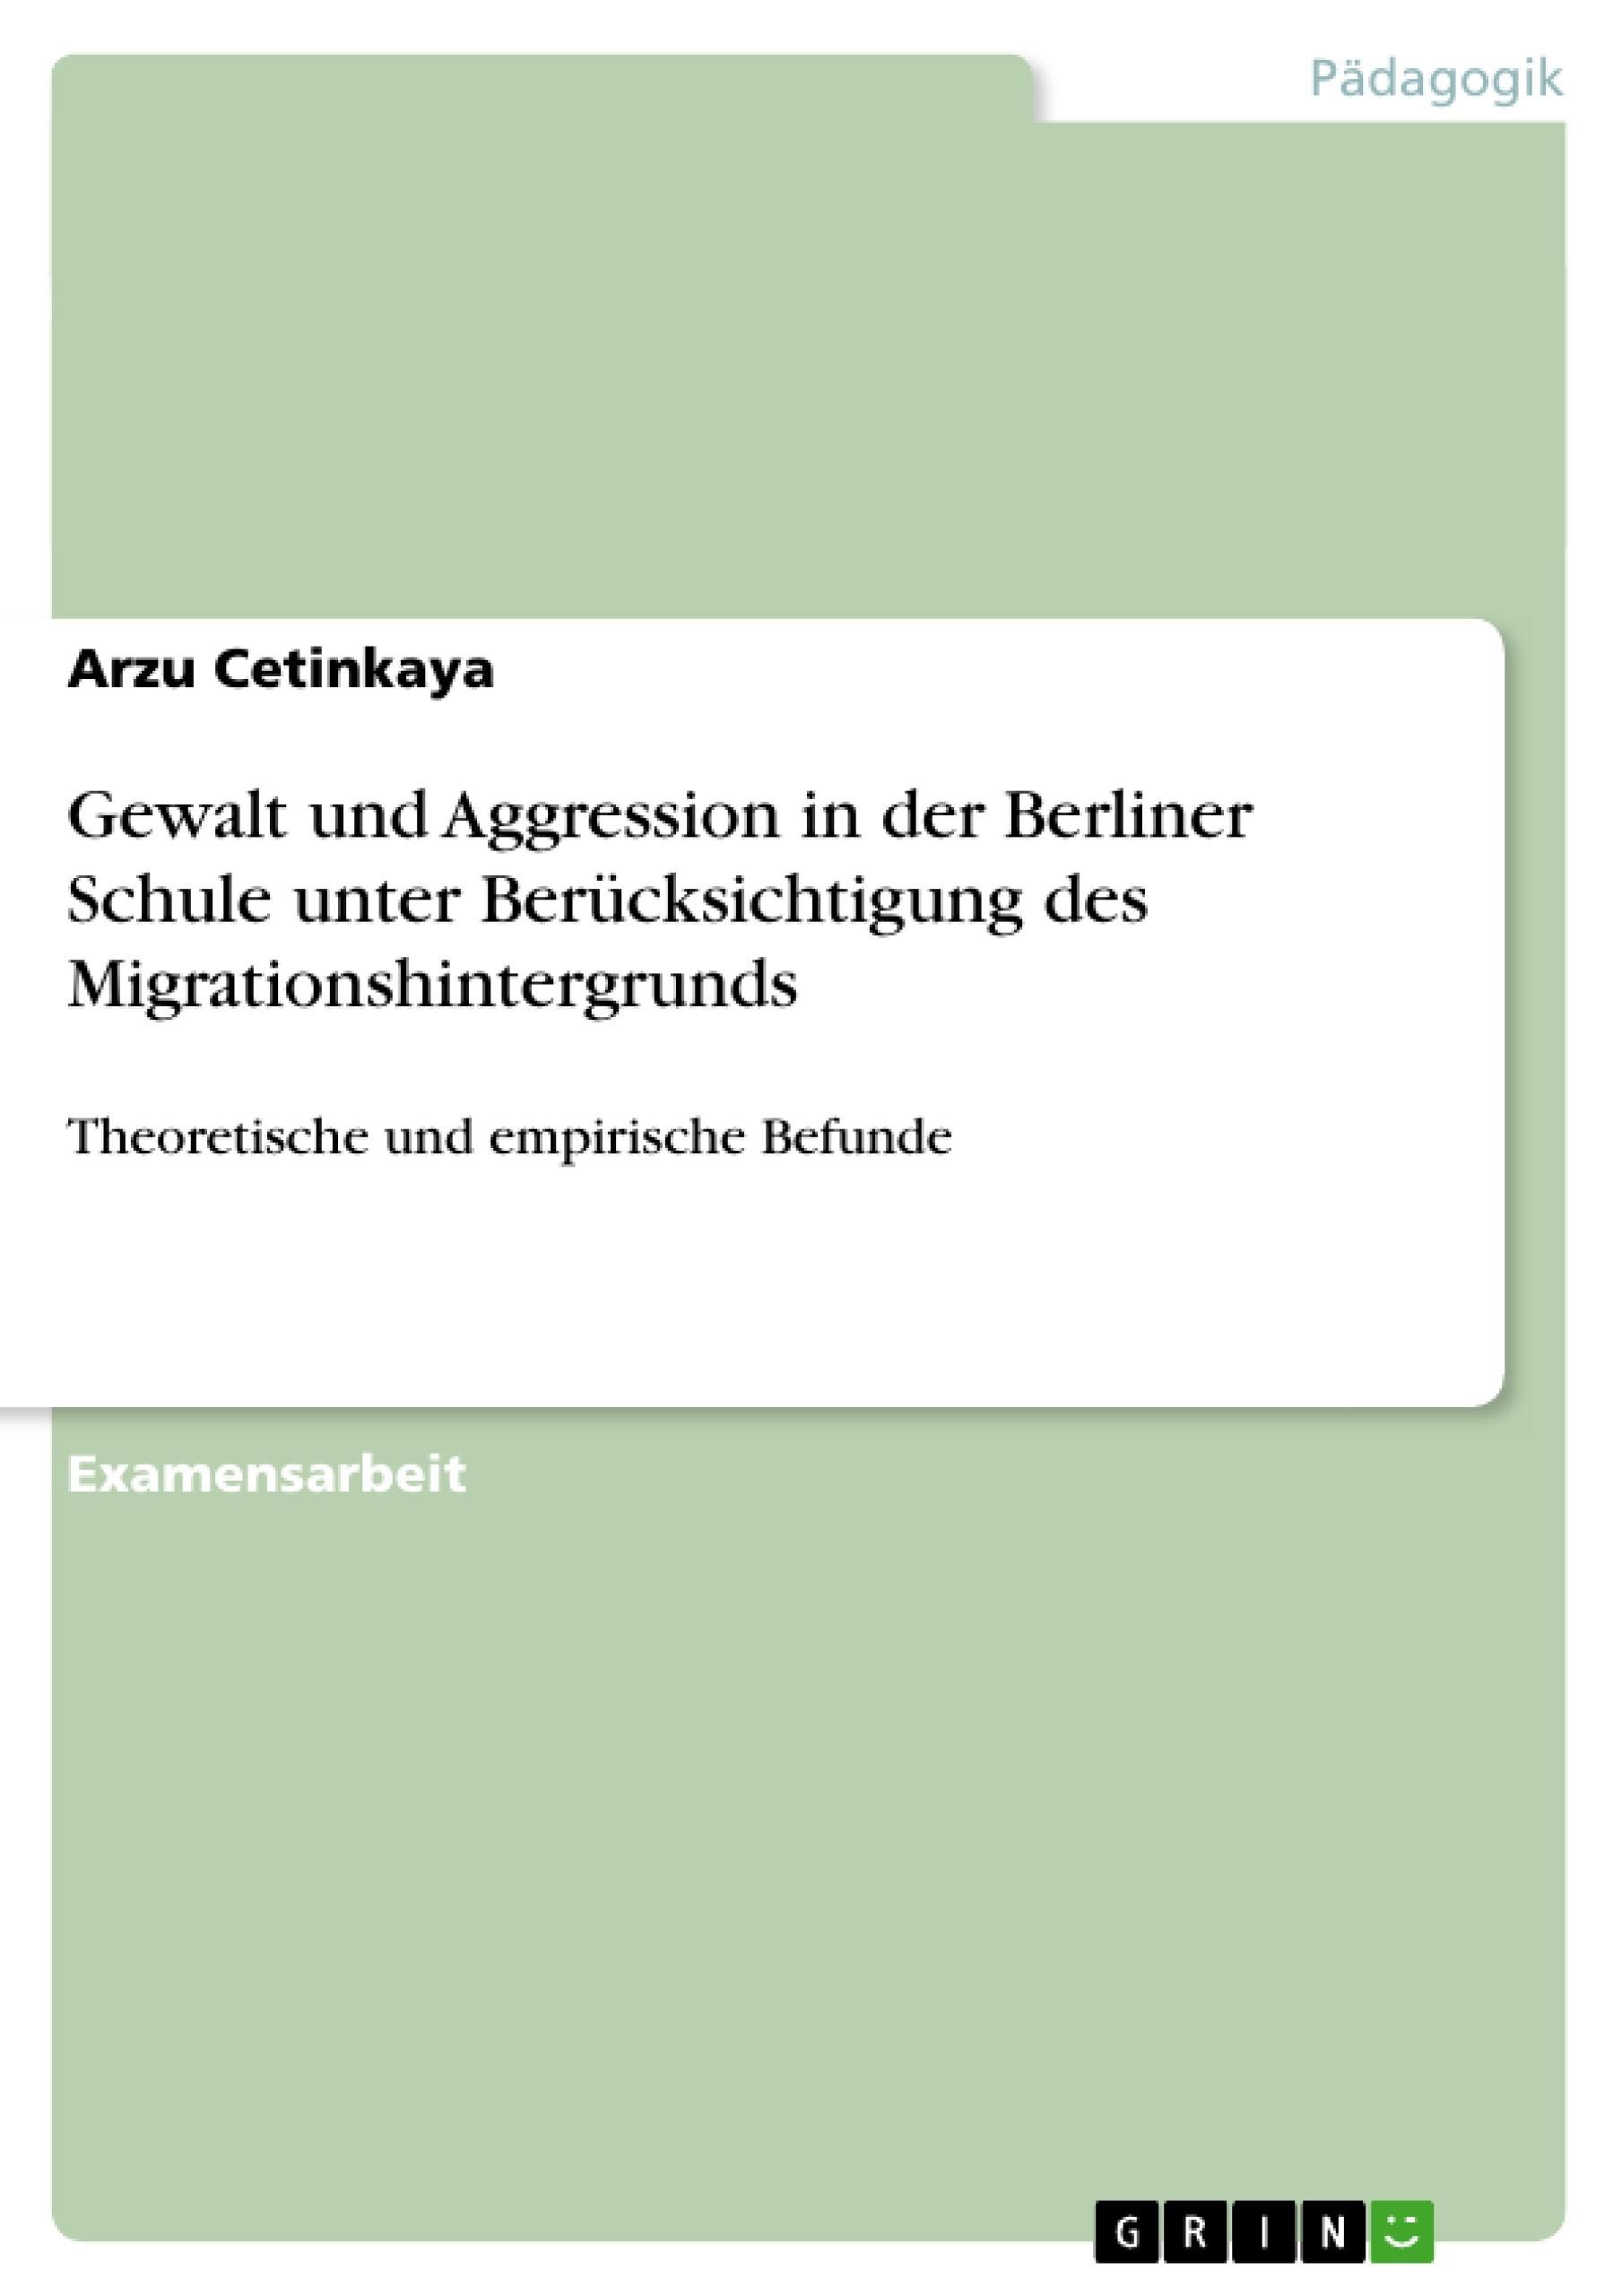 Titel: Gewalt und Aggression in der Berliner Schule unter Berücksichtigung des Migrationshintergrunds